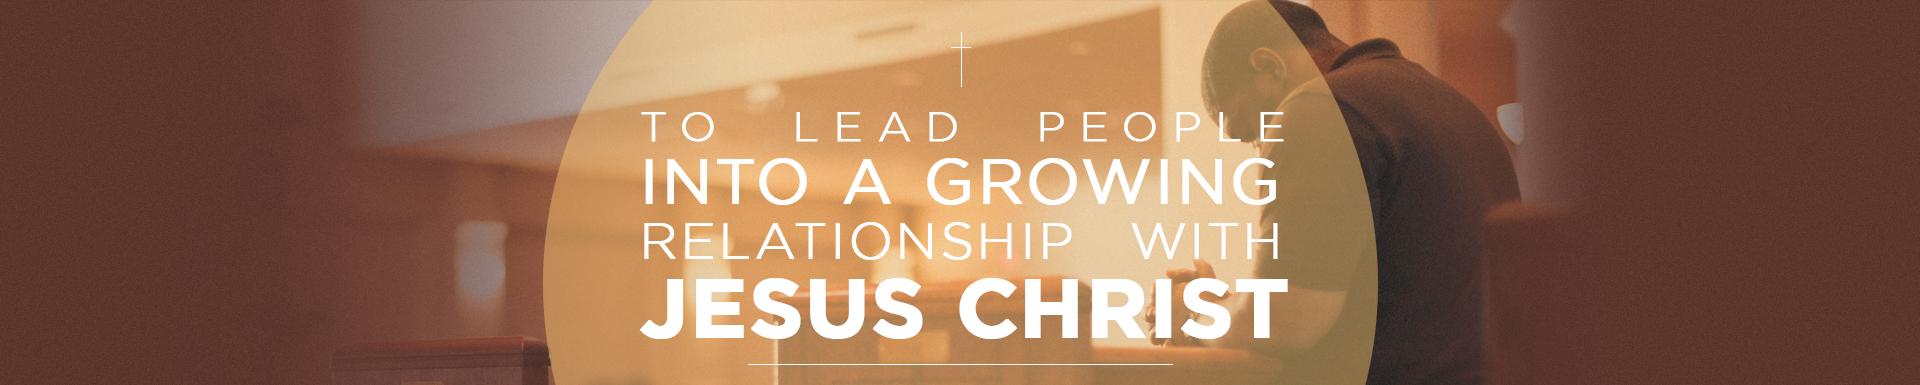 lead to jesus